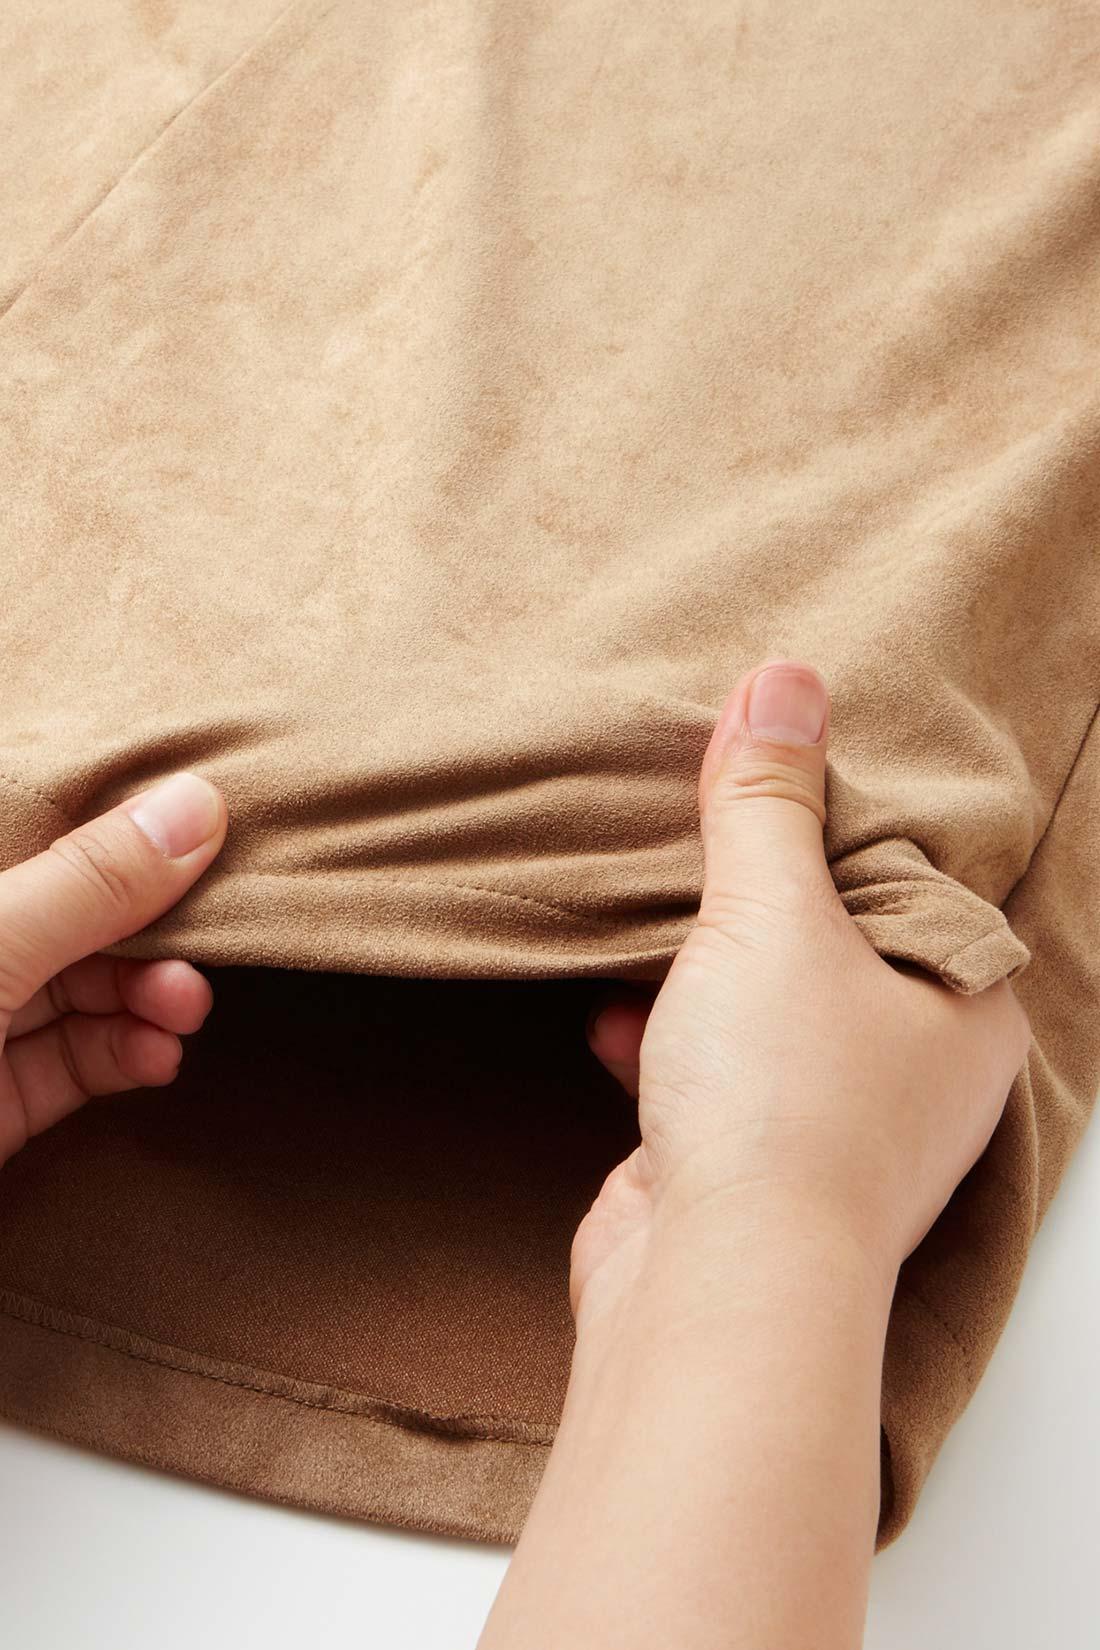 ストレッチがきいて伸びやか ぐんと伸びるから着心地もソフト。Tシャツ感覚で毎日着られます。 ※お届けするカラーとは異なります。